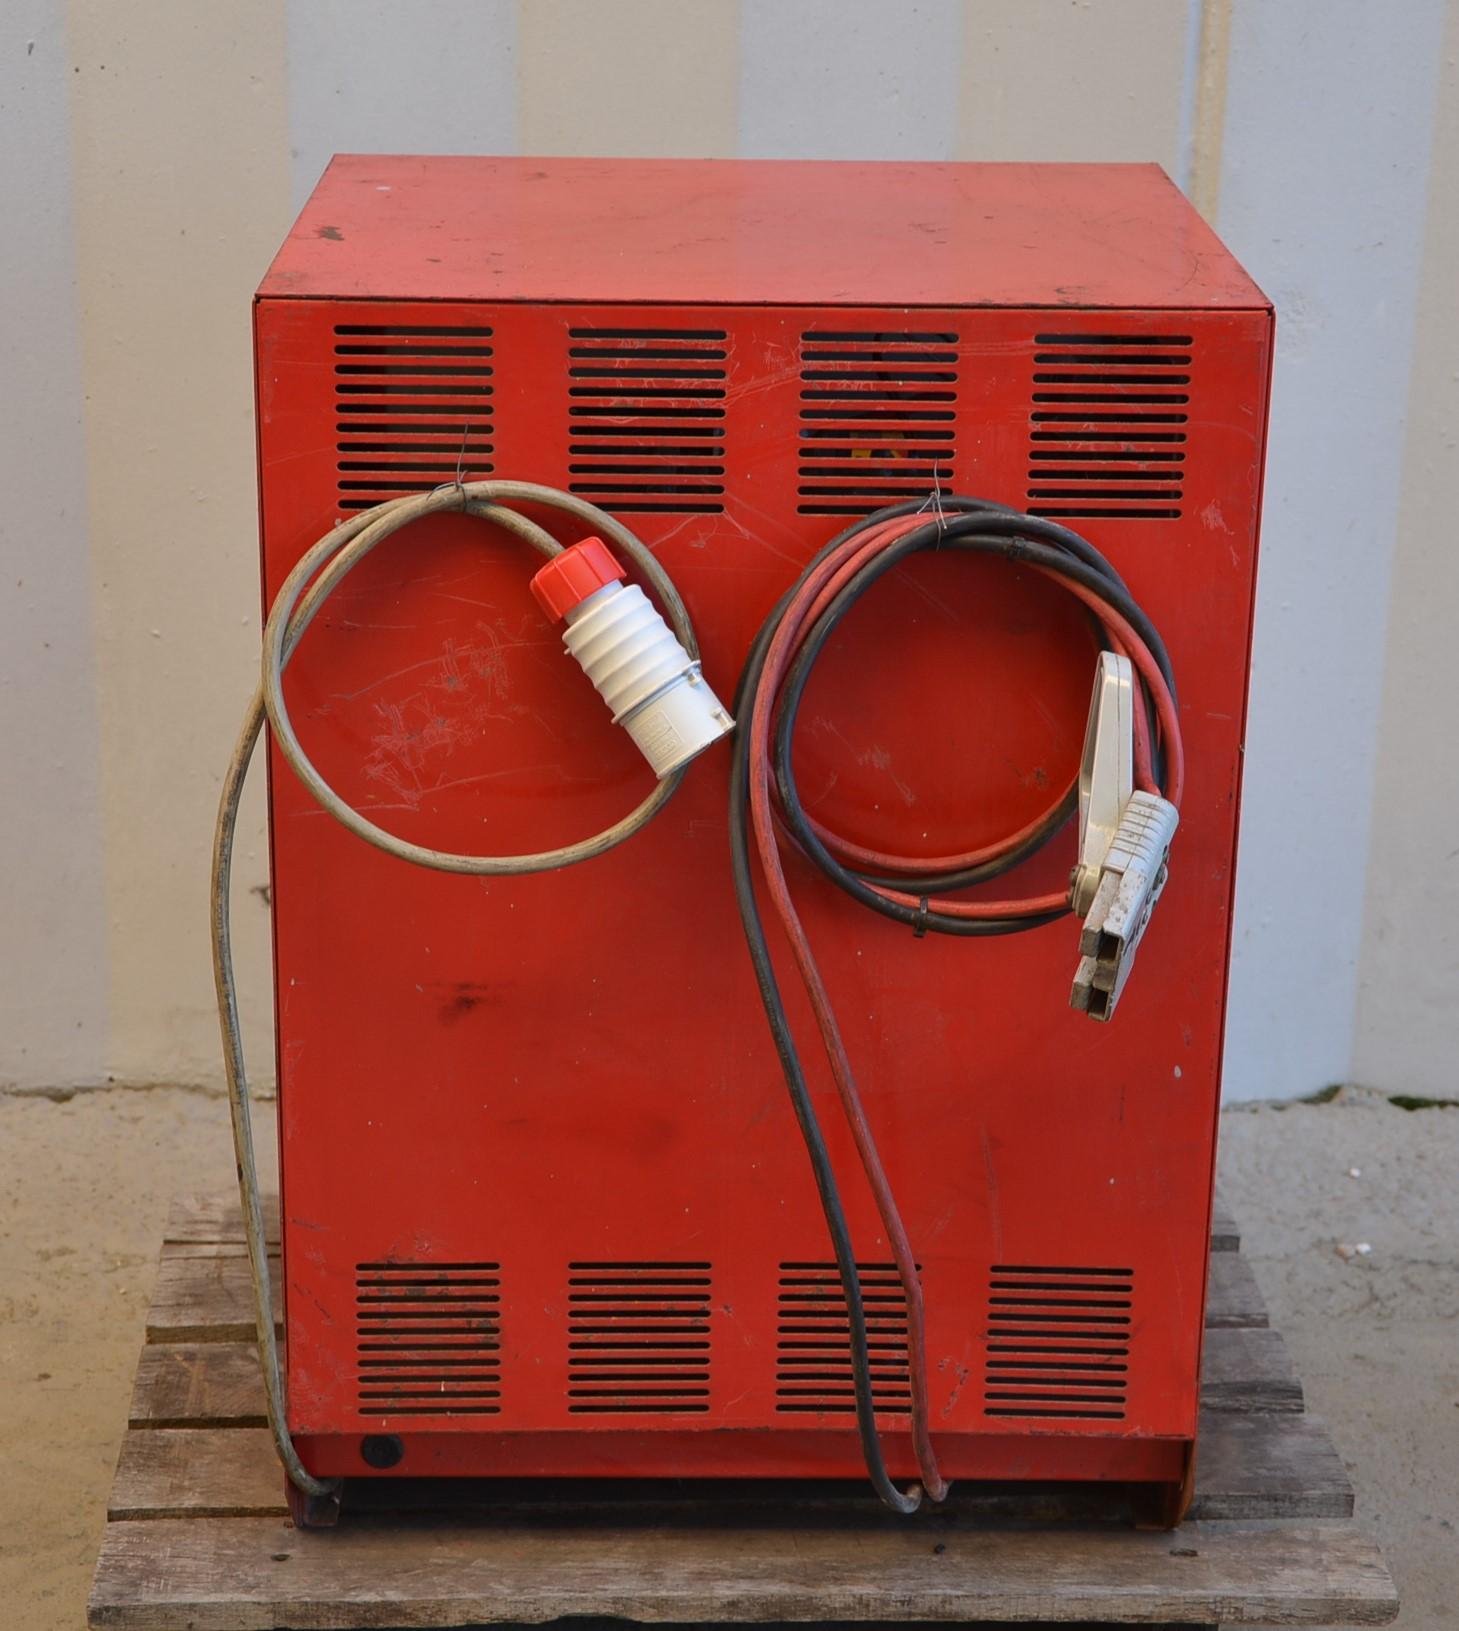 Caricabatterie 36V - Mori Raddrizzatori mod. MDA3680T in vendita - foto 3